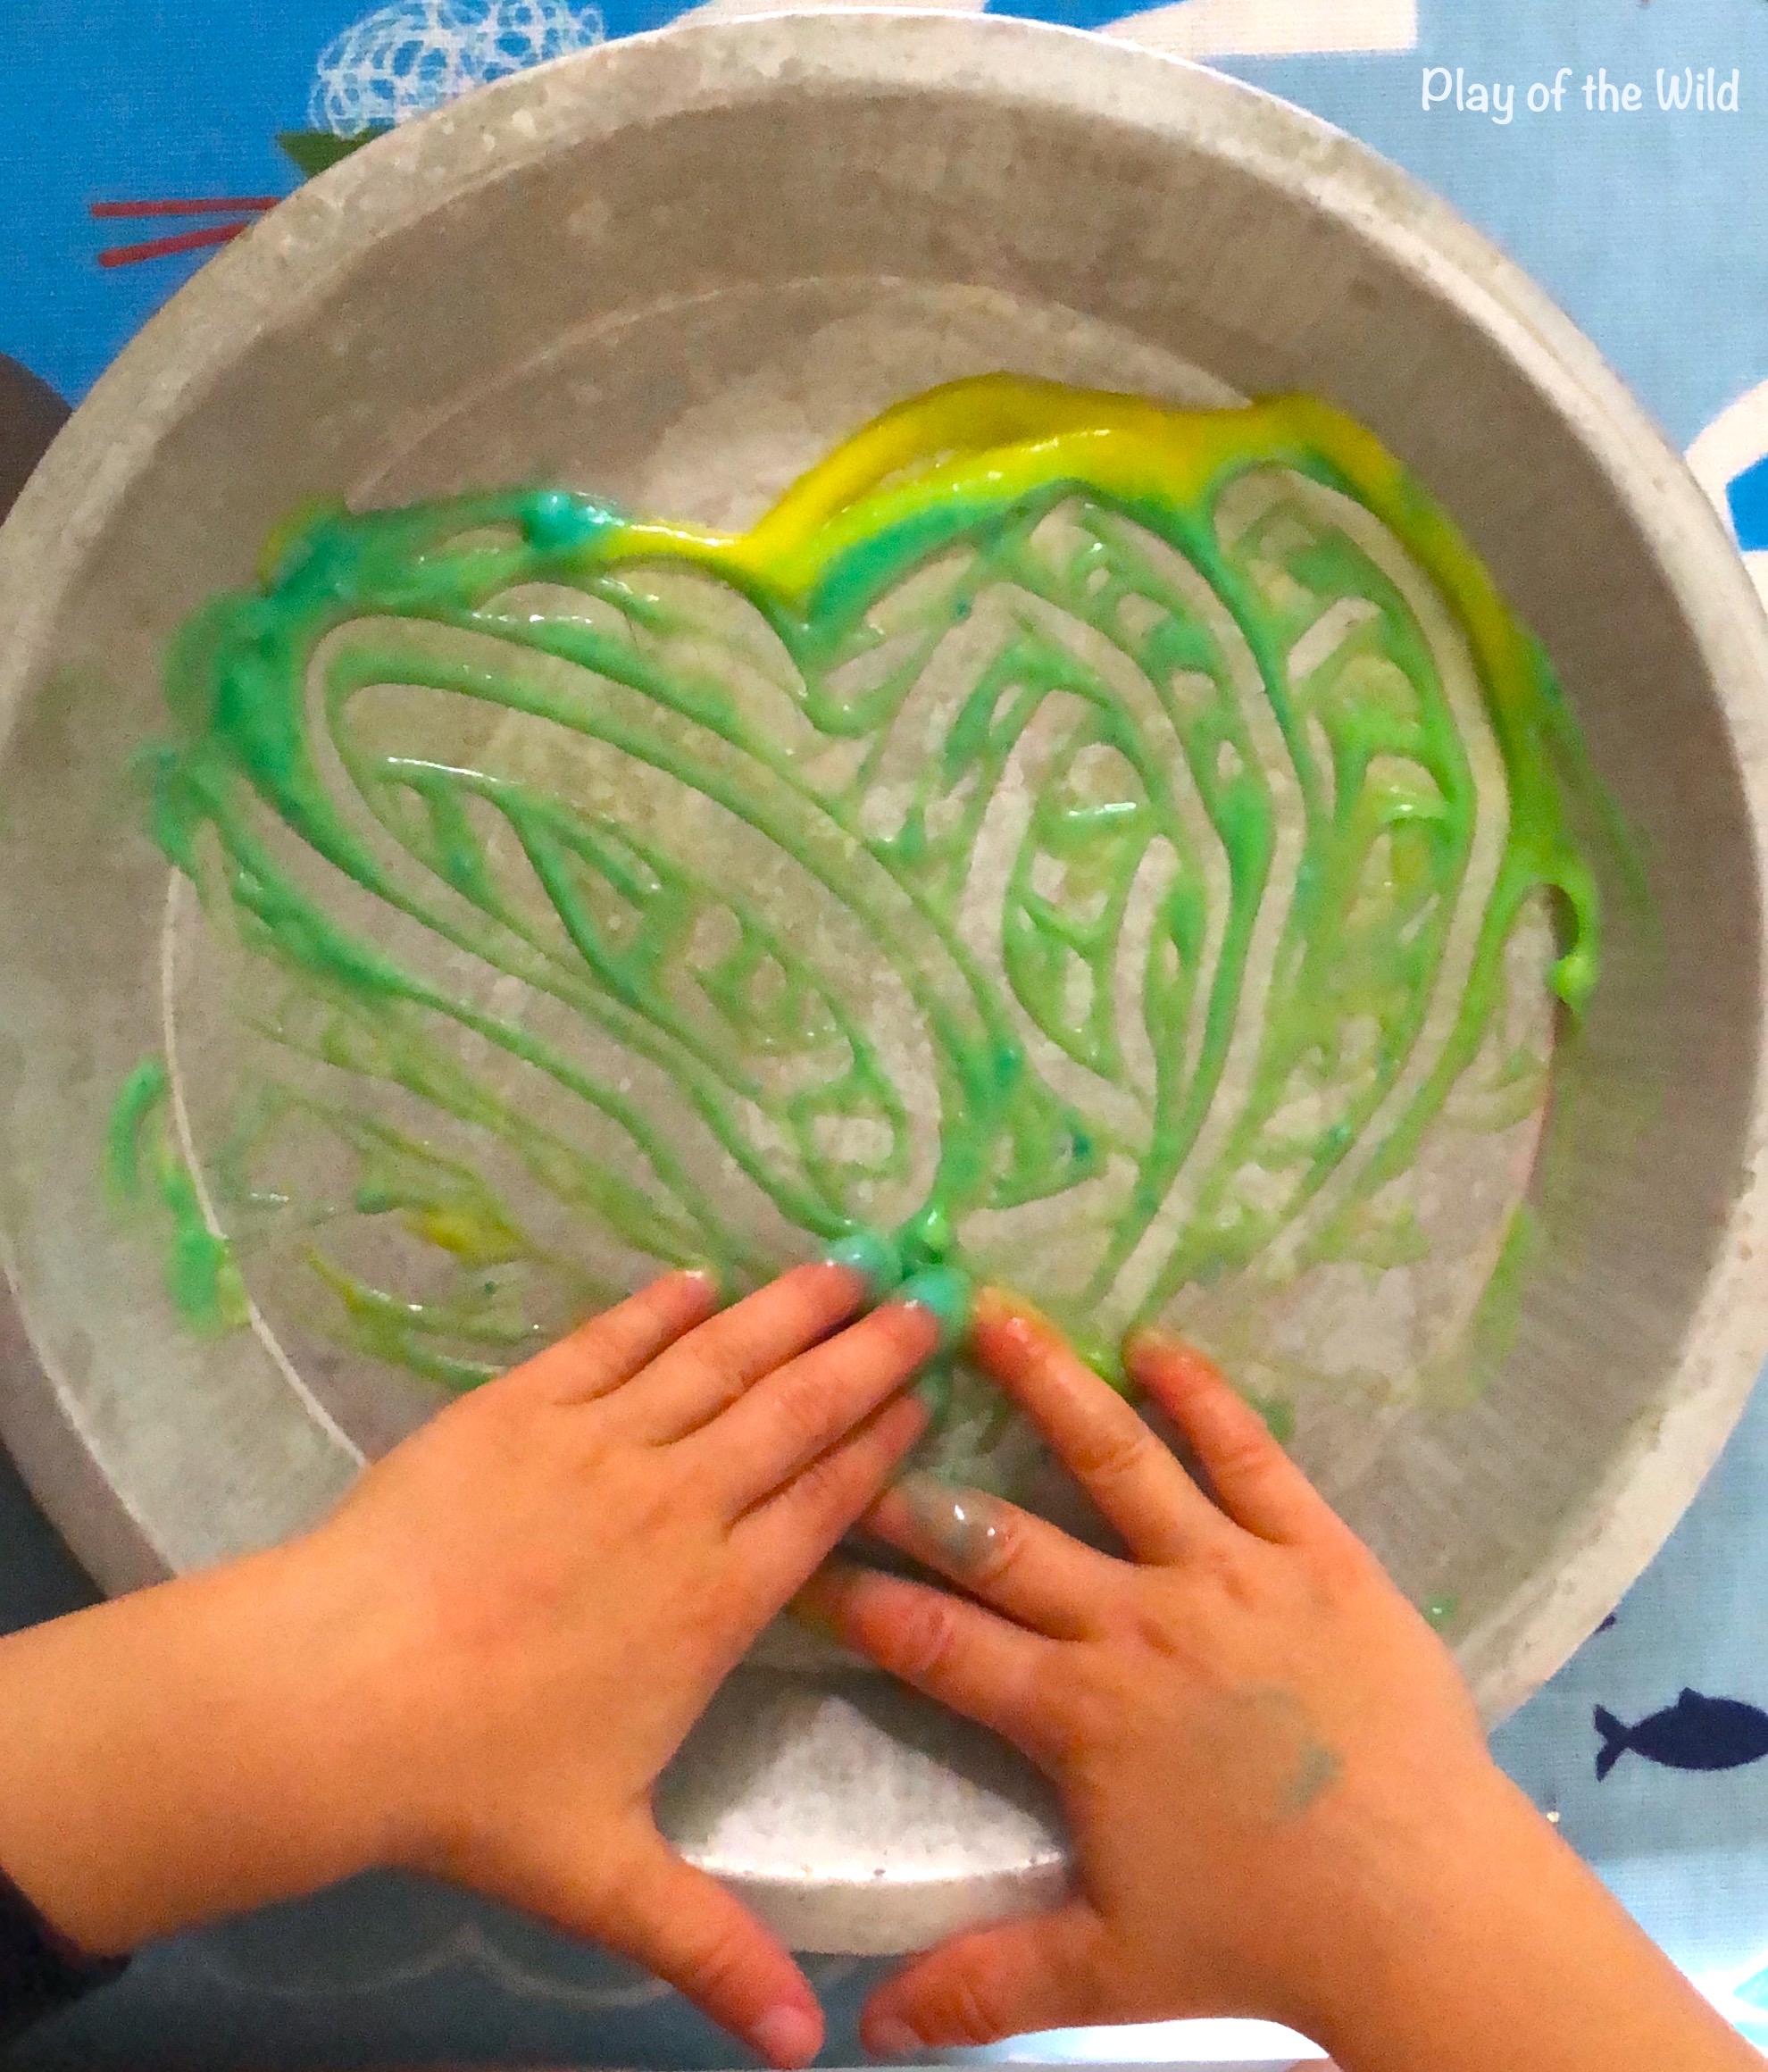 EYFS Mark Making Ideas & Activities that Help Children